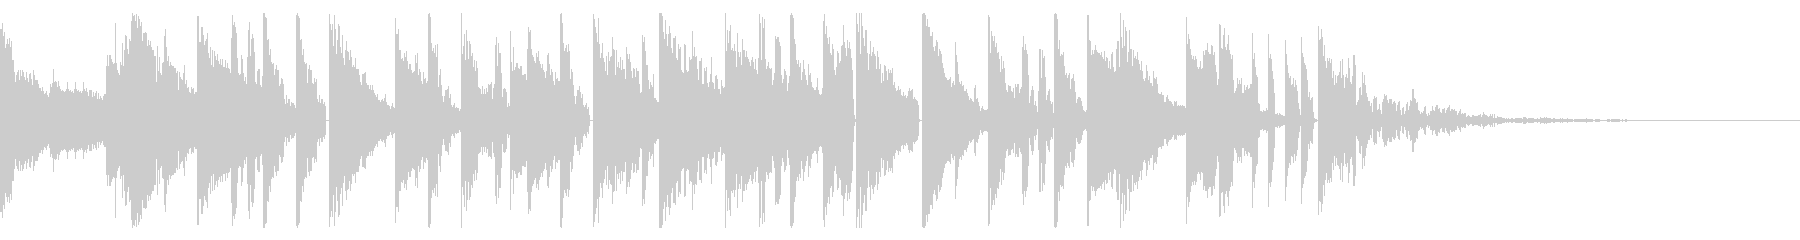 Tonal FX、160 BPMの未再生の波形